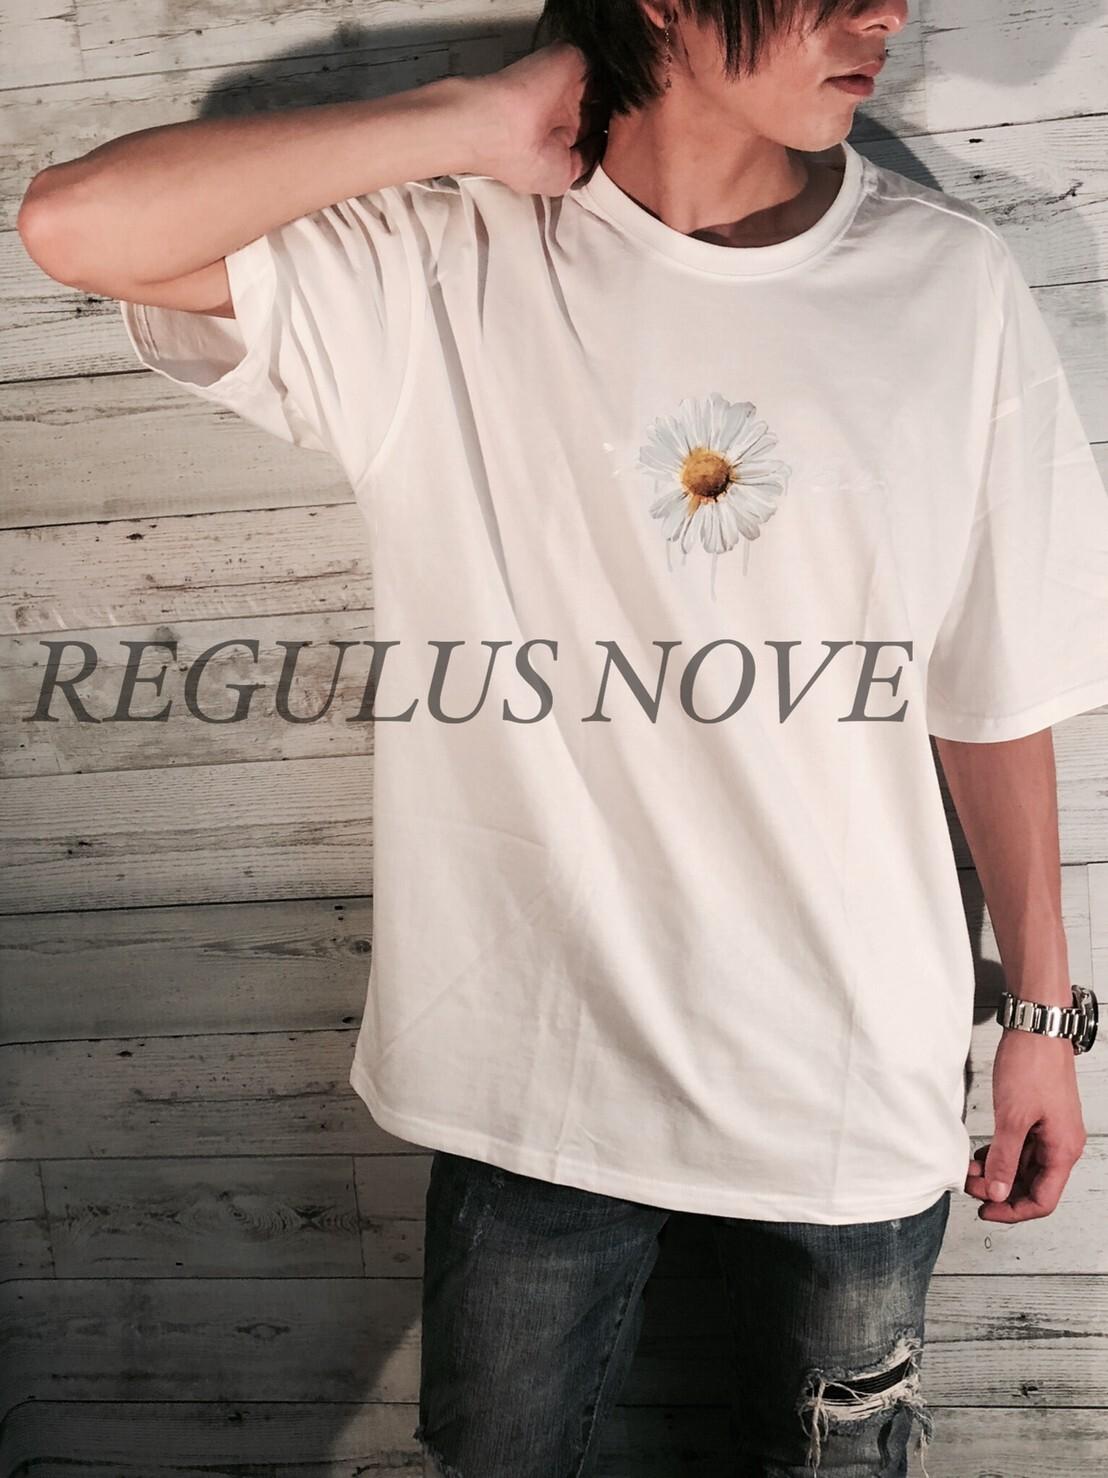 【メール便対応】 REGULUS NOVE DAISYプリントメッセージBIGTシャツ WHITE ユニセックス レディース メンズ オーバーサイズ 大きいサイズ 派手 韓国 プリント 個性的 ストリート ロック